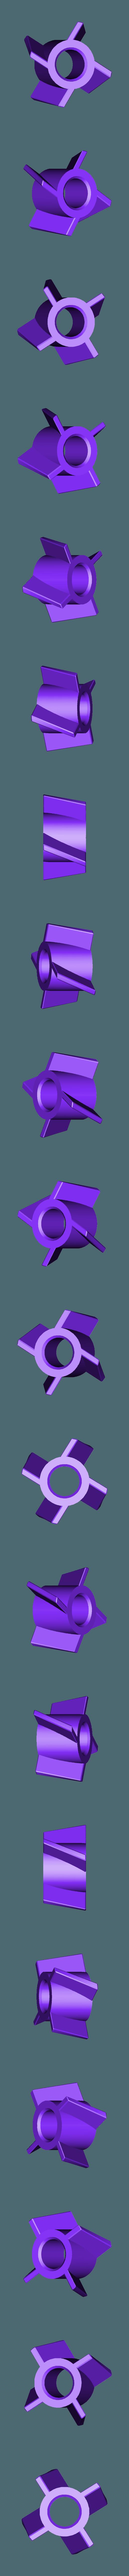 Whistle_Prop3.stl Télécharger fichier STL gratuit Sifflets avec turbine, jeu STEM • Modèle pour imprimante 3D, LGBU